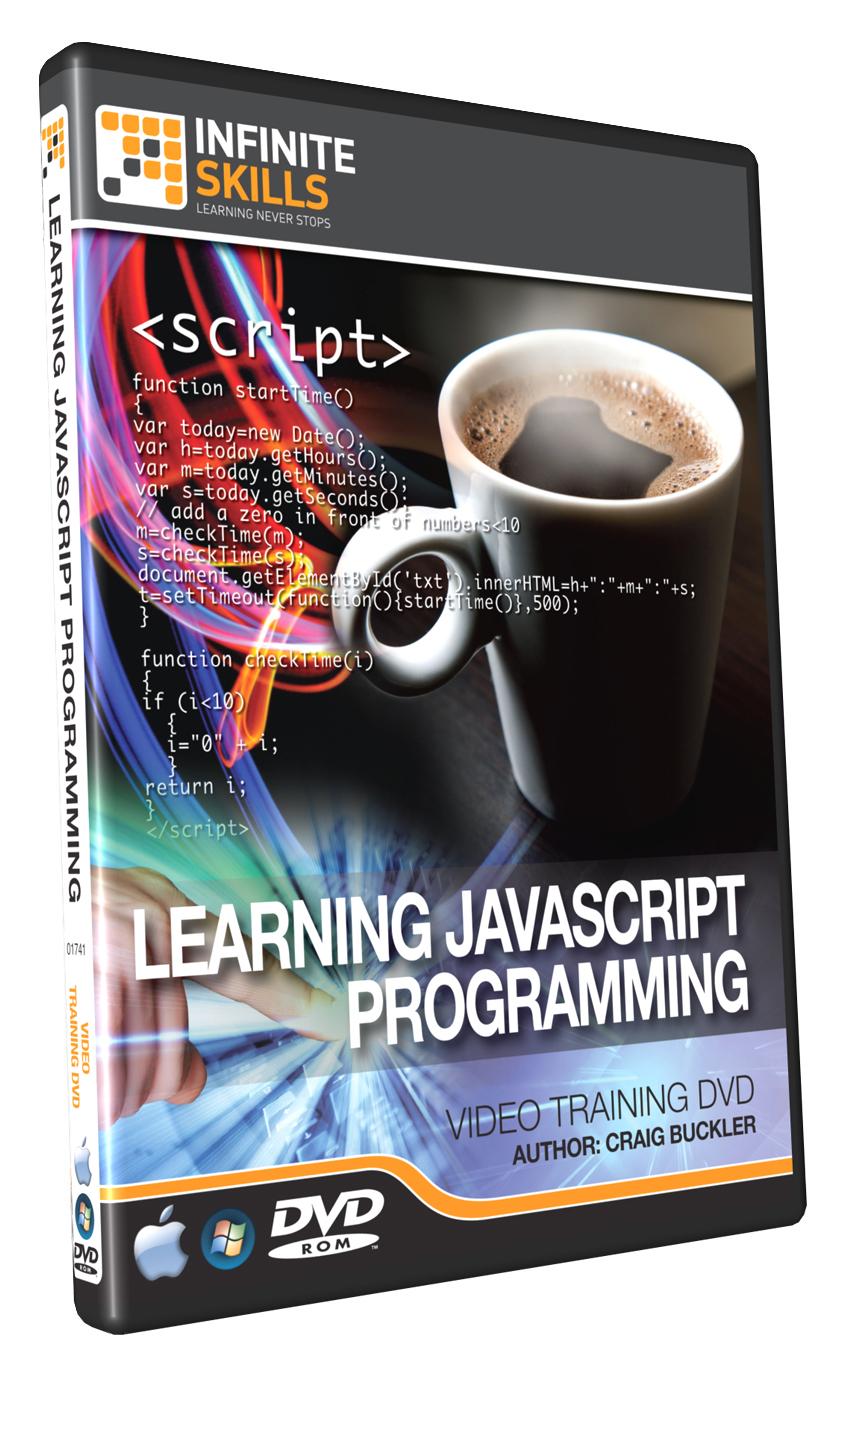 InfiniteSkills' Learning JavaScript Programming Training Video